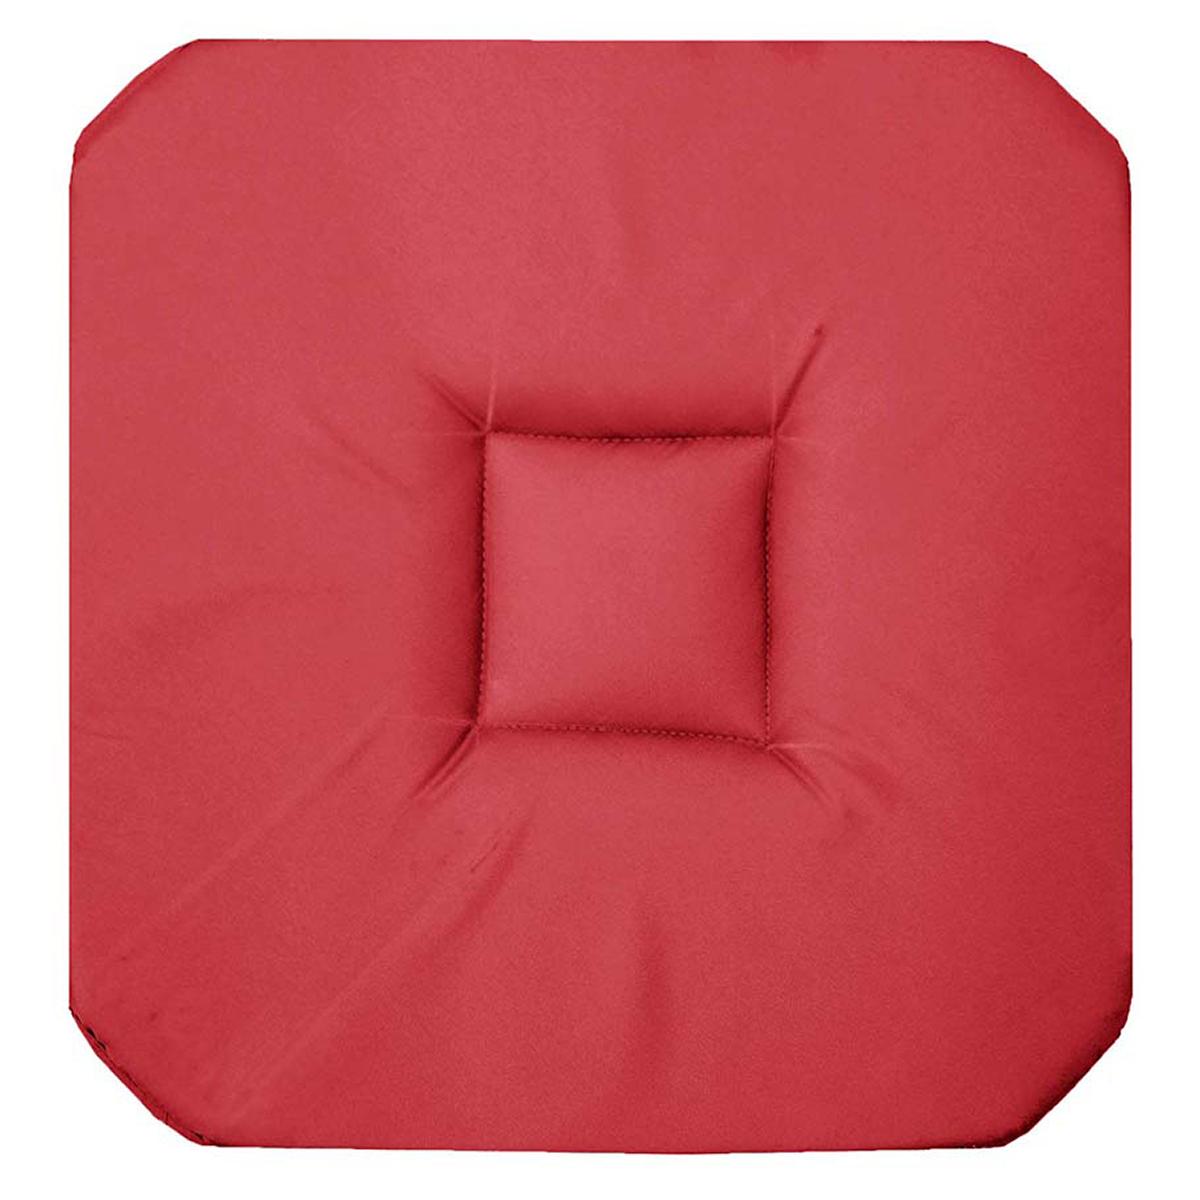 Galette de chaise unie colorée  (Corail)